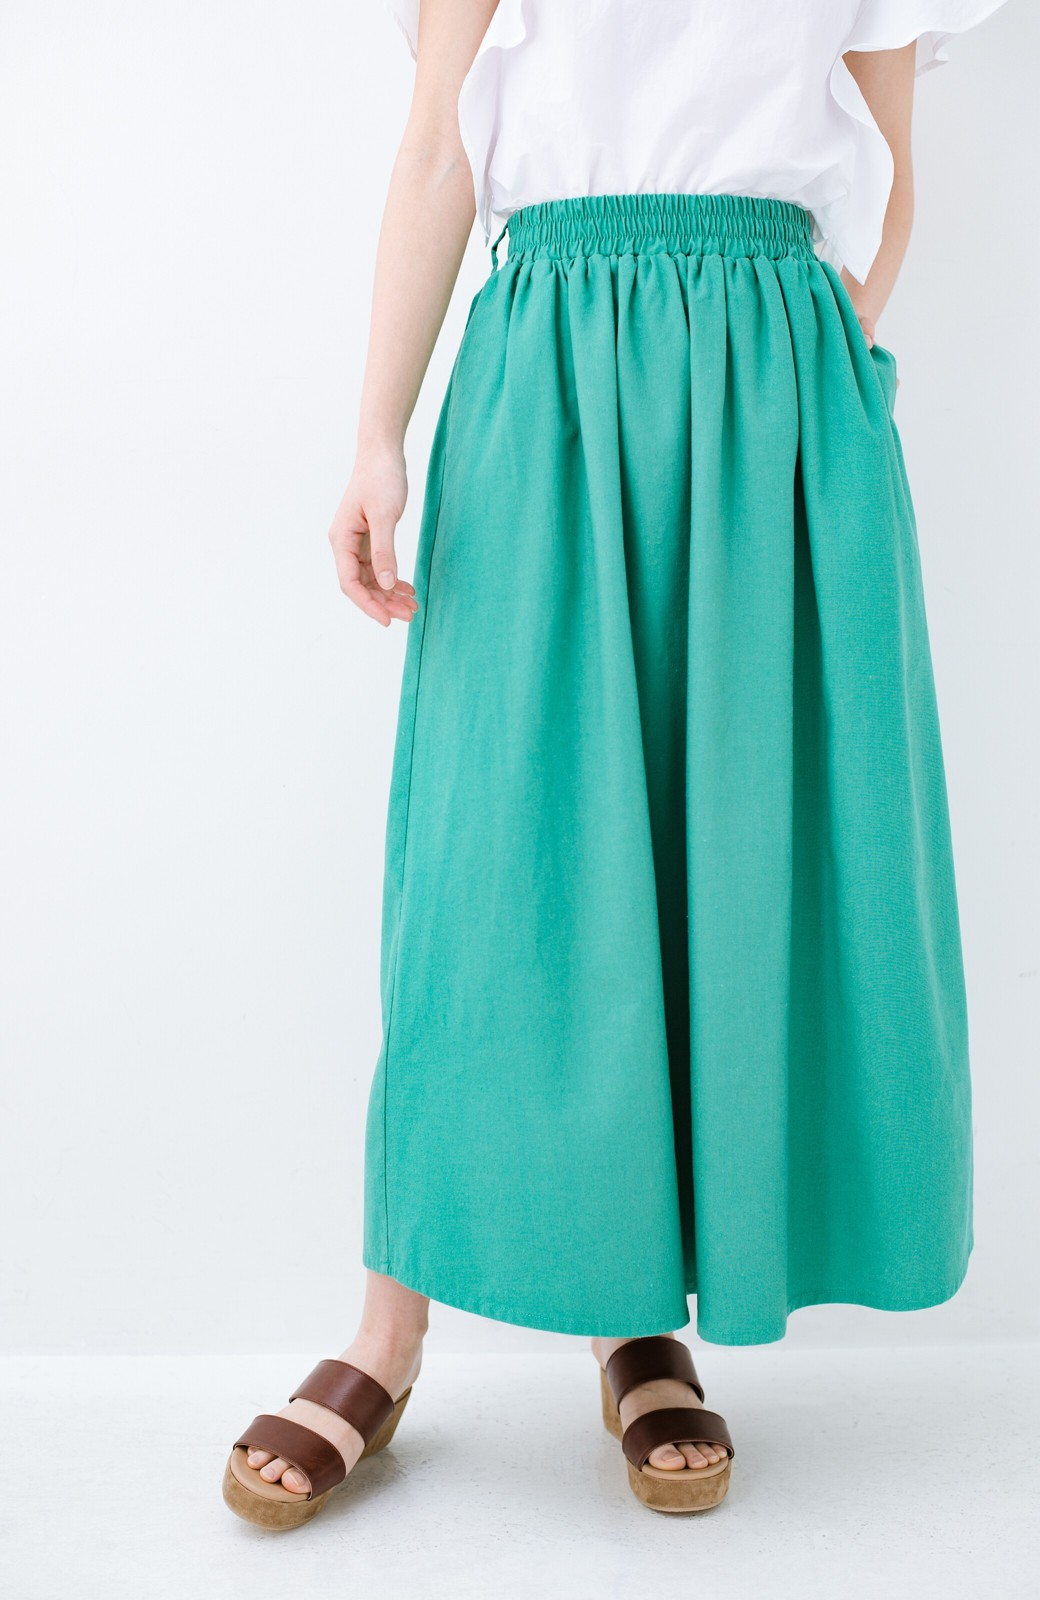 haco! 楽してスタイルが決まる 涼やか麻混スカート <グリーン>の商品写真3